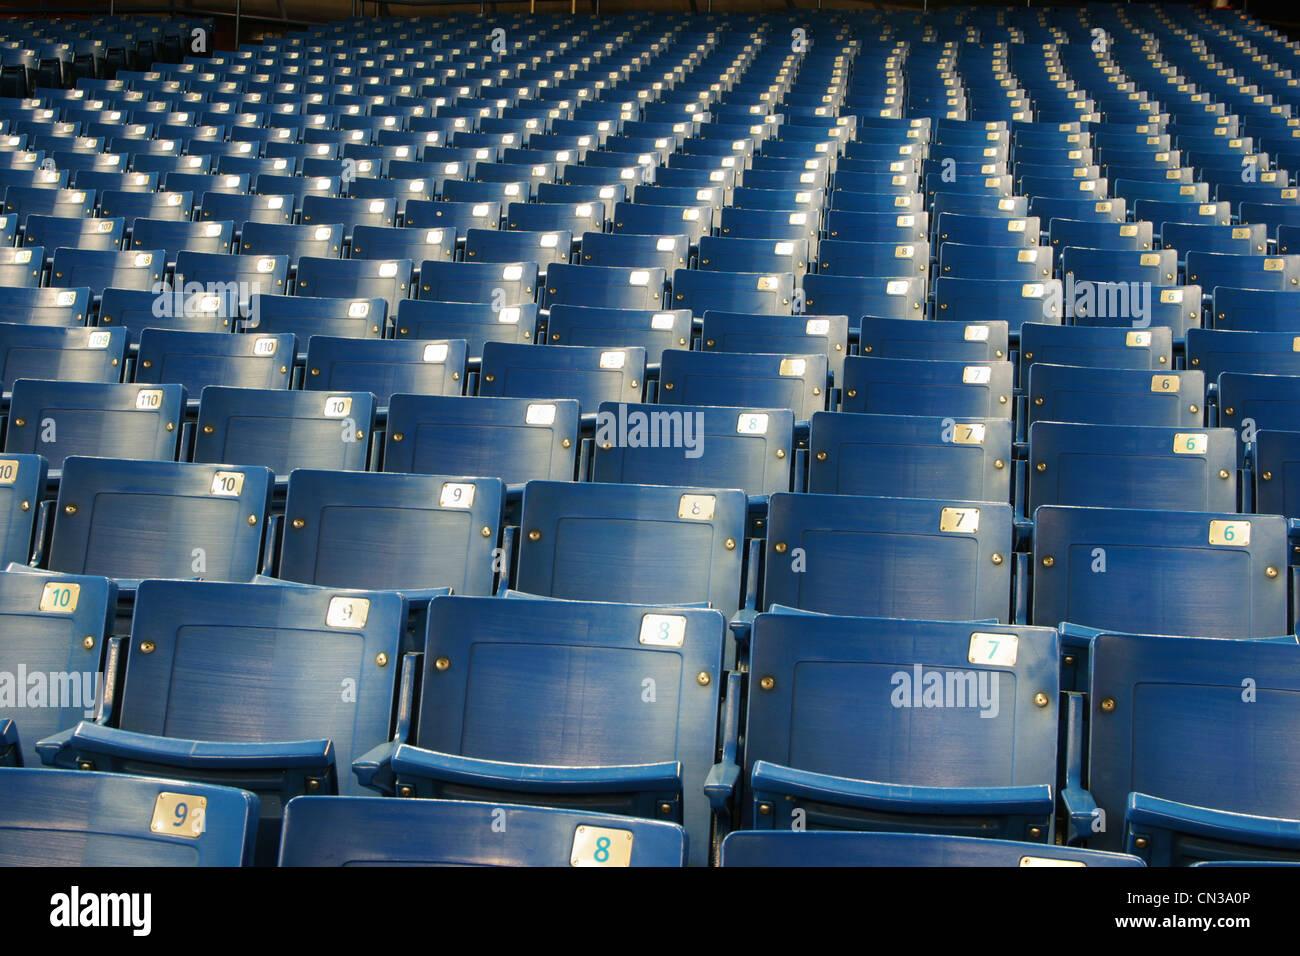 Los asientos del estadio azul vacío Imagen De Stock